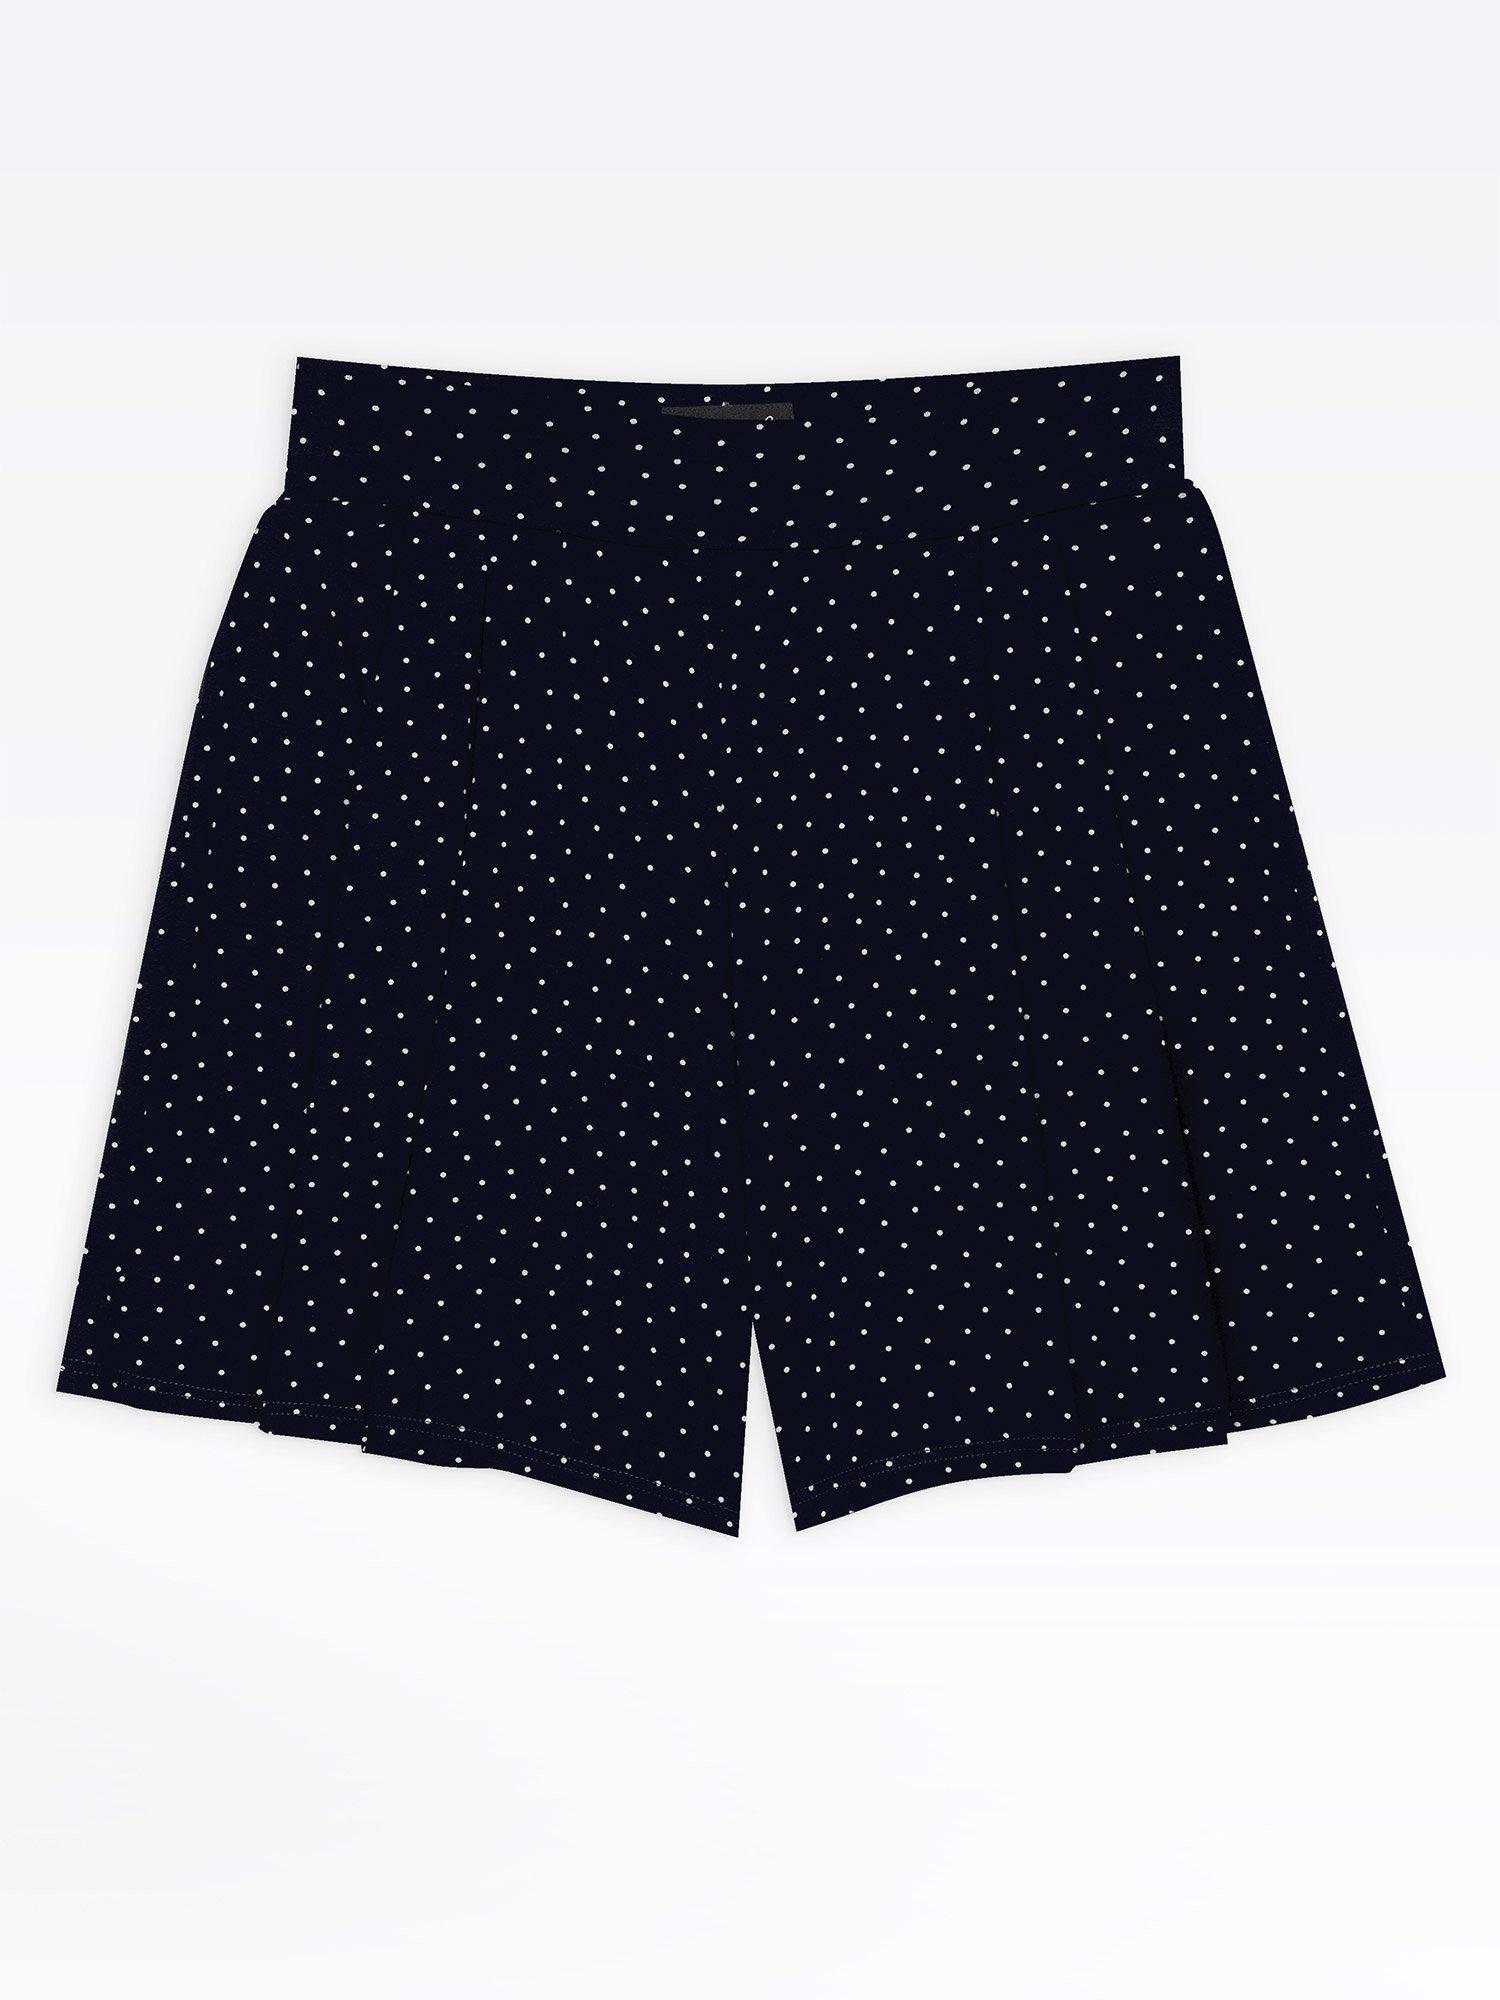 55e04c711a blue polka dots torenn shorts